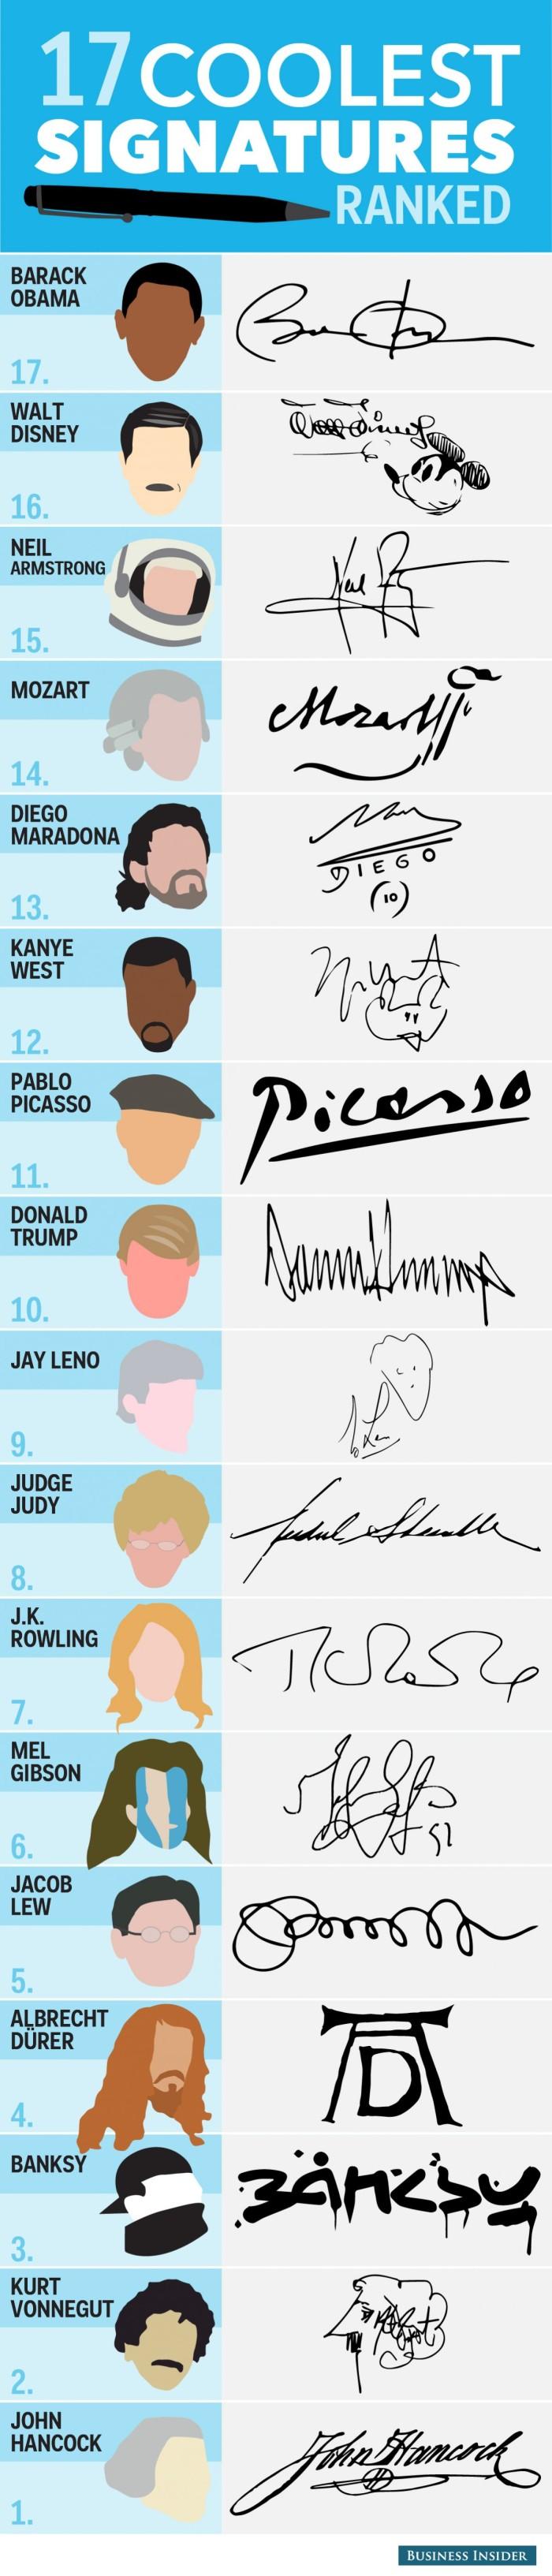 famoussignatures